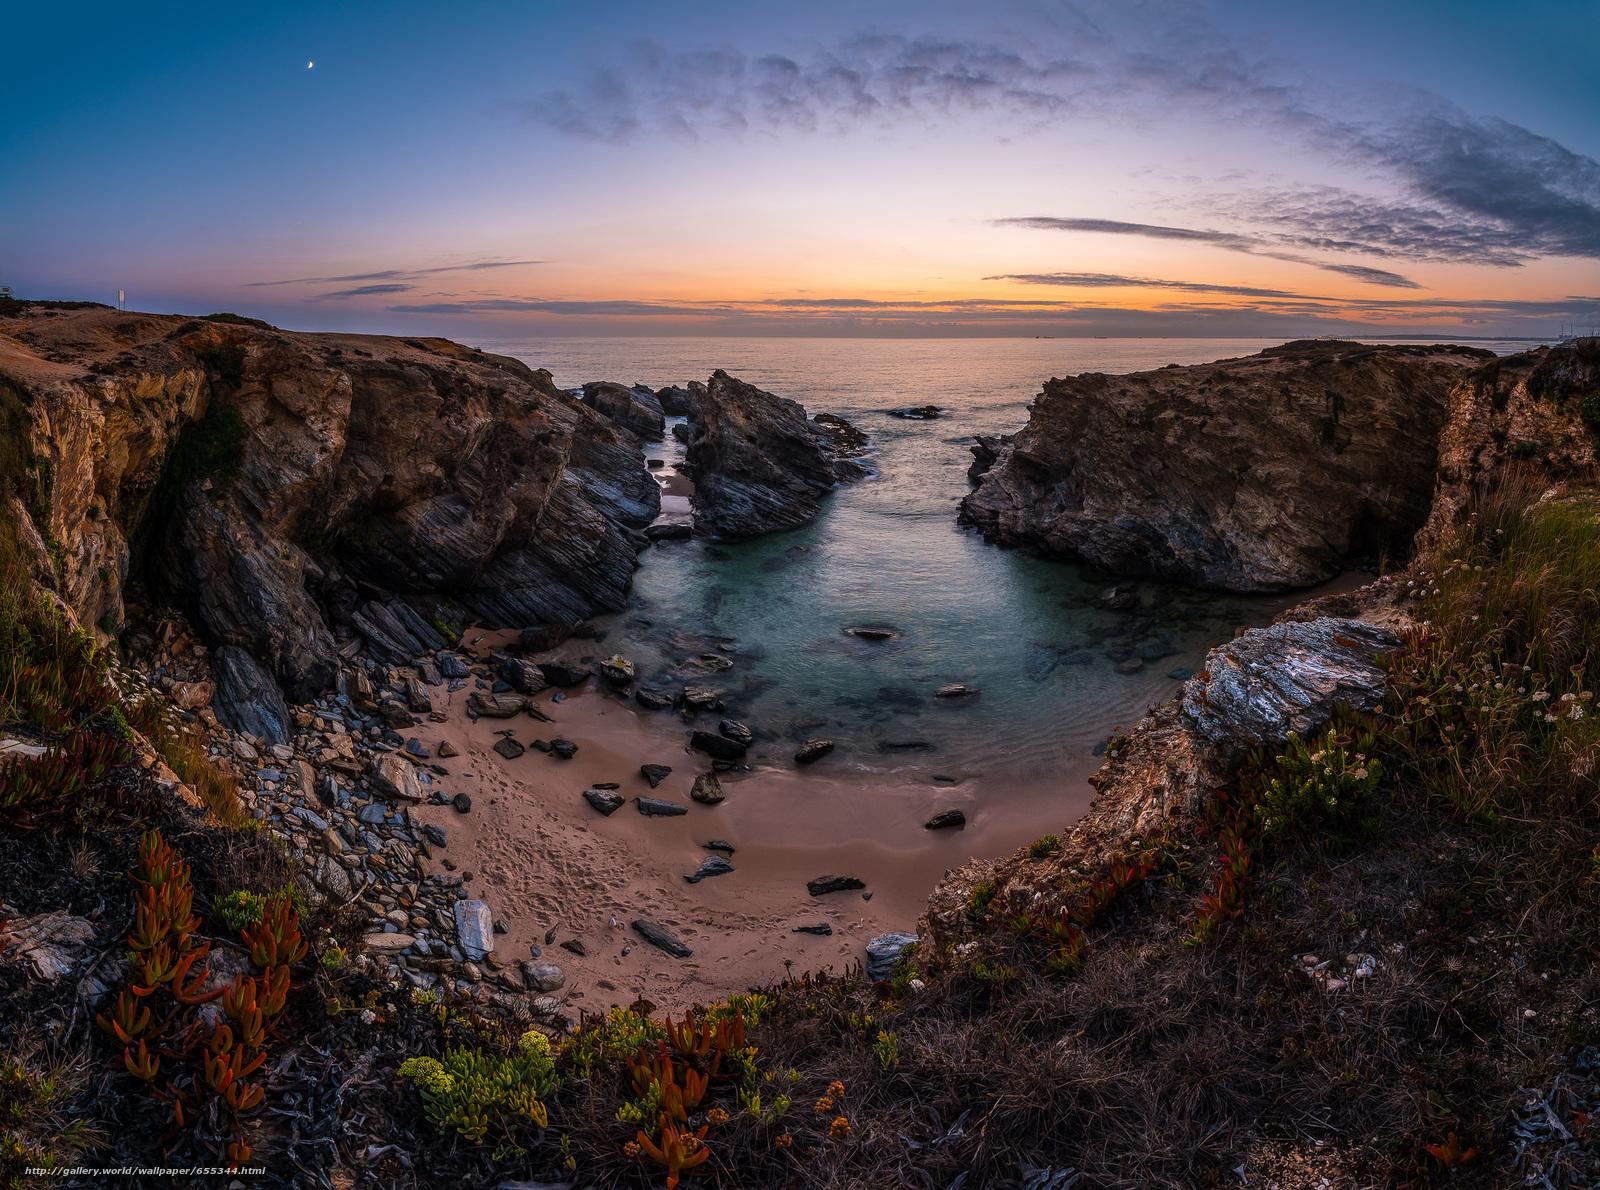 Скачать обои Португалия,  Западное побережье,  море,  скалы бесплатно для рабочего стола в разрешении 2048x1523 — картинка №655344